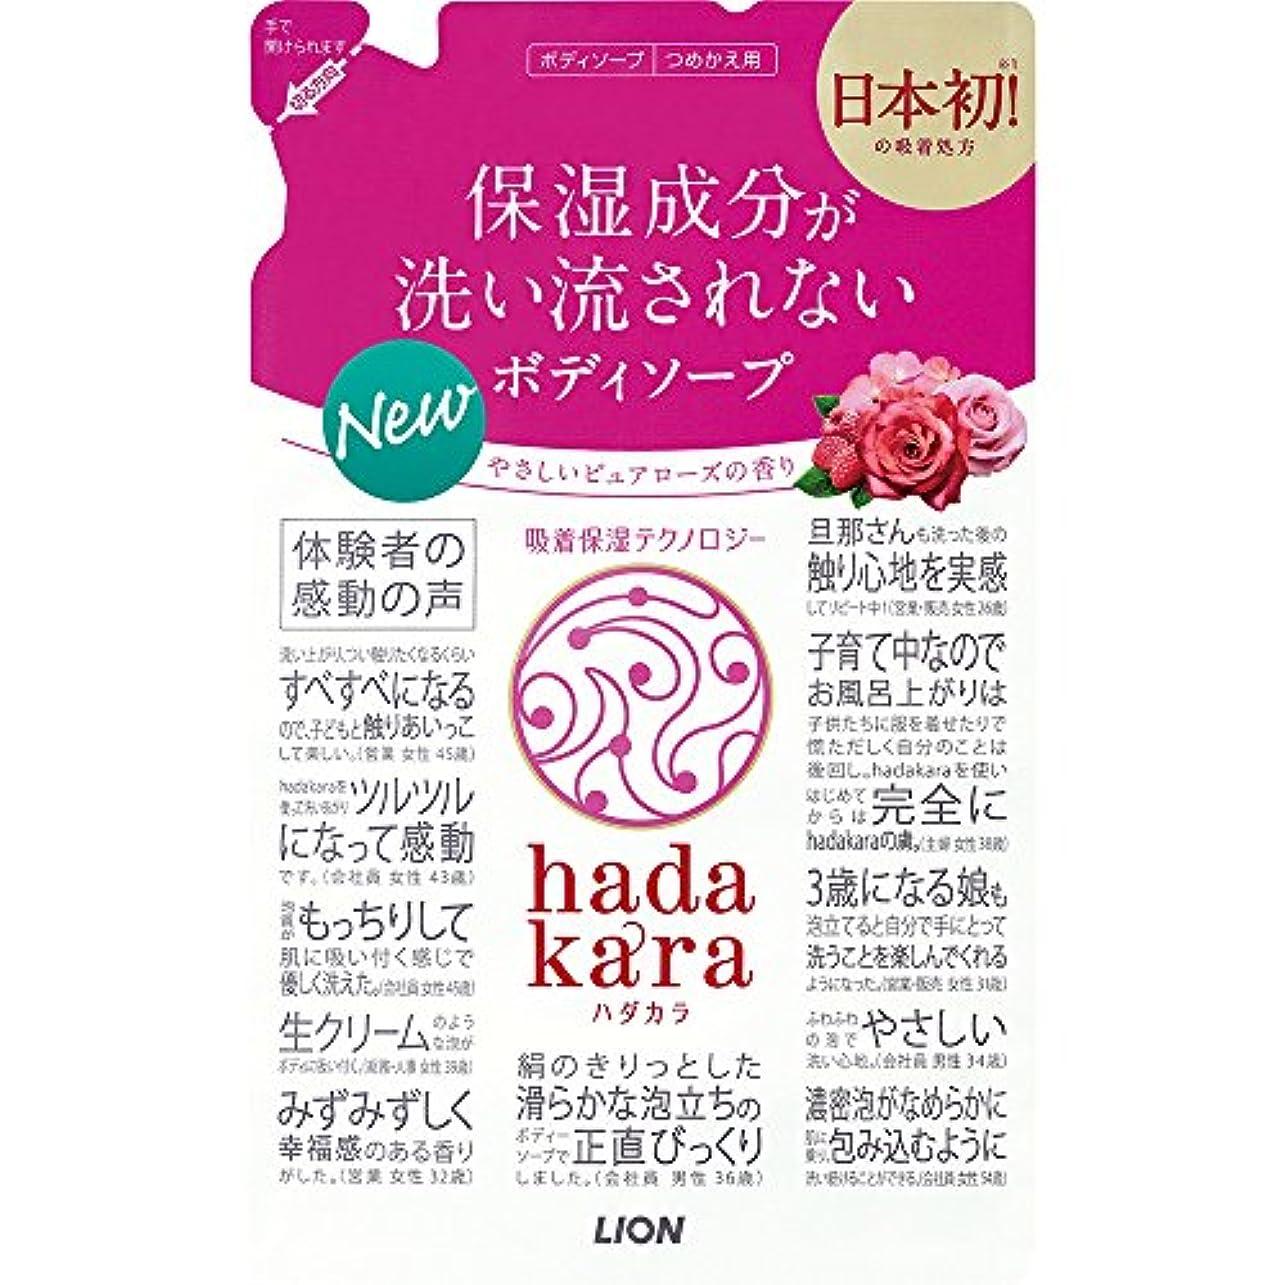 処方統計偽装するhadakara(ハダカラ) ボディソープ ピュアローズの香り 詰め替え 360ml